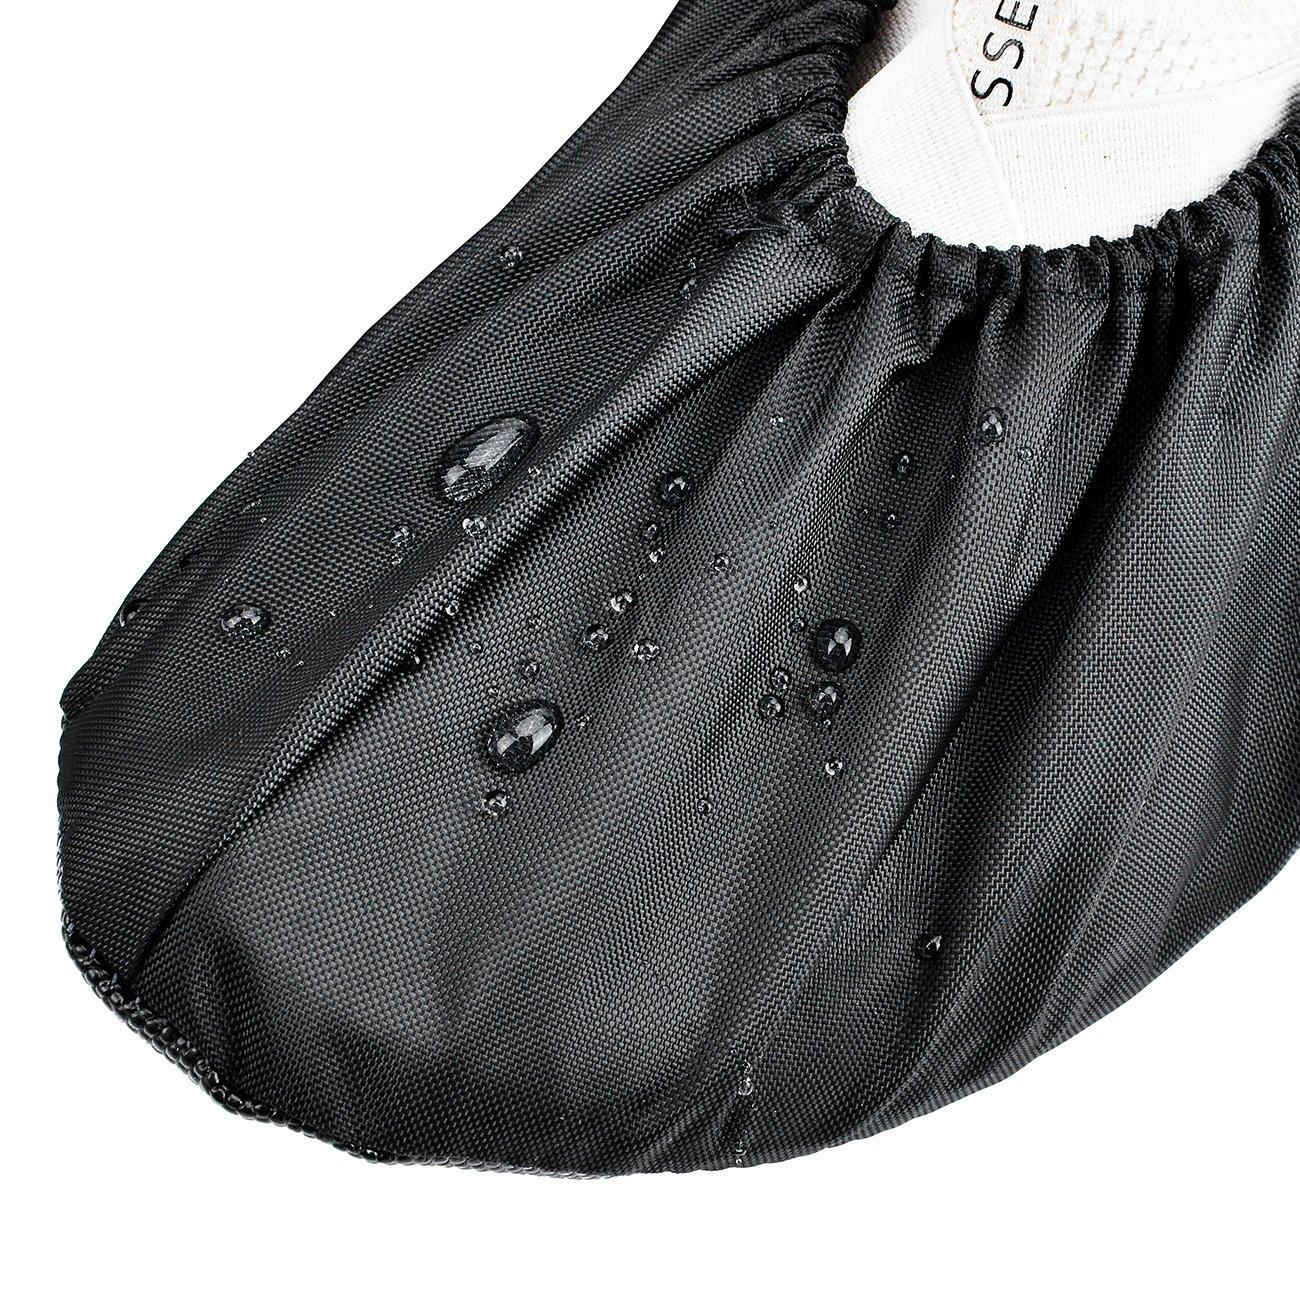 Cubiertas reutilizables superiores del zapato y de la bota para los contratistas duradero antideslizante resistente al agua